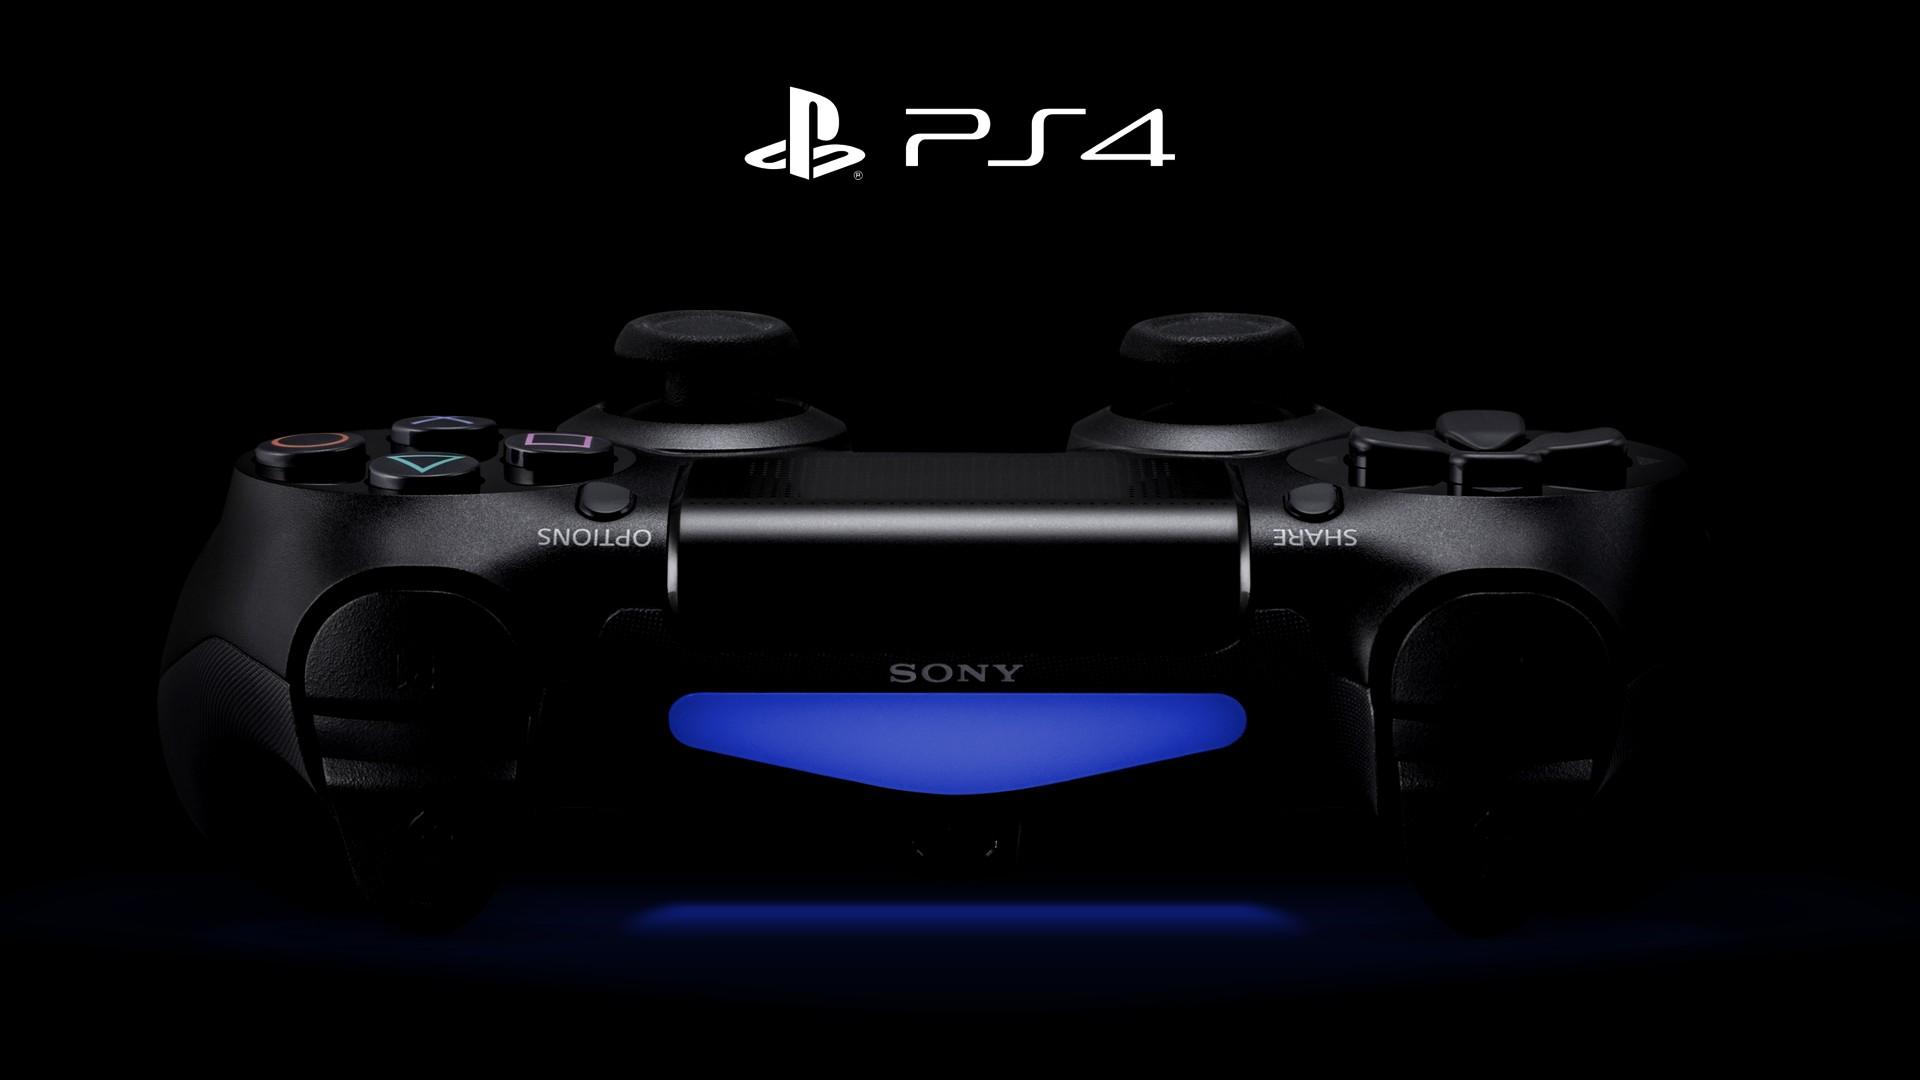 ps4-logo-1080p